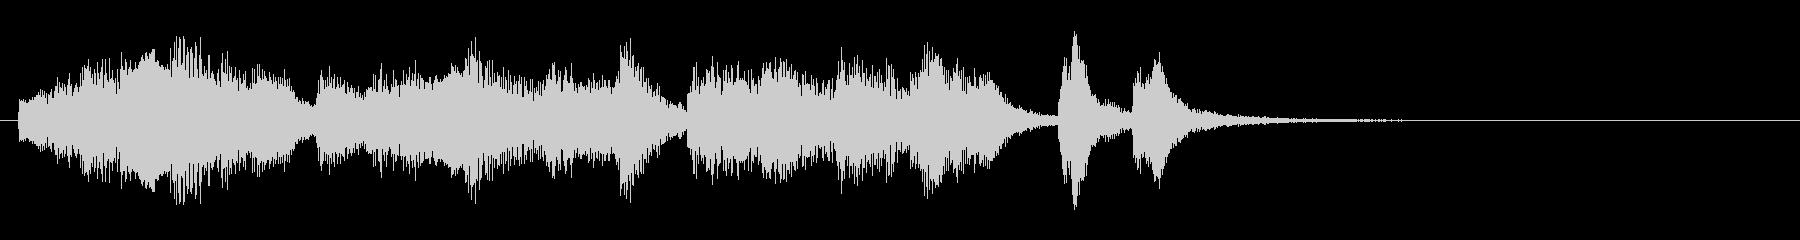 のほほんジングル021_優しいの未再生の波形